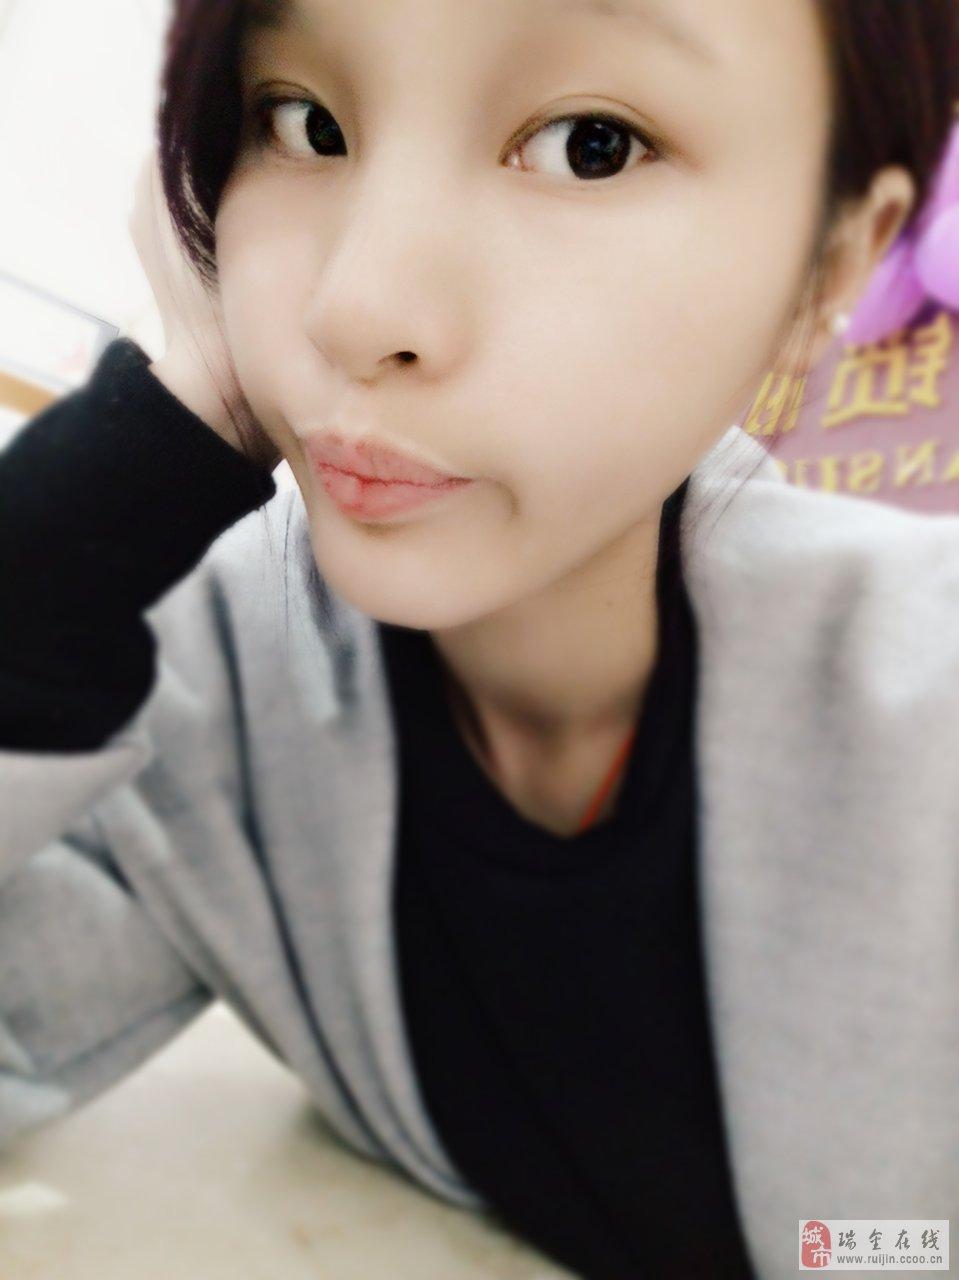 【美女秀场】温玲娜 0岁